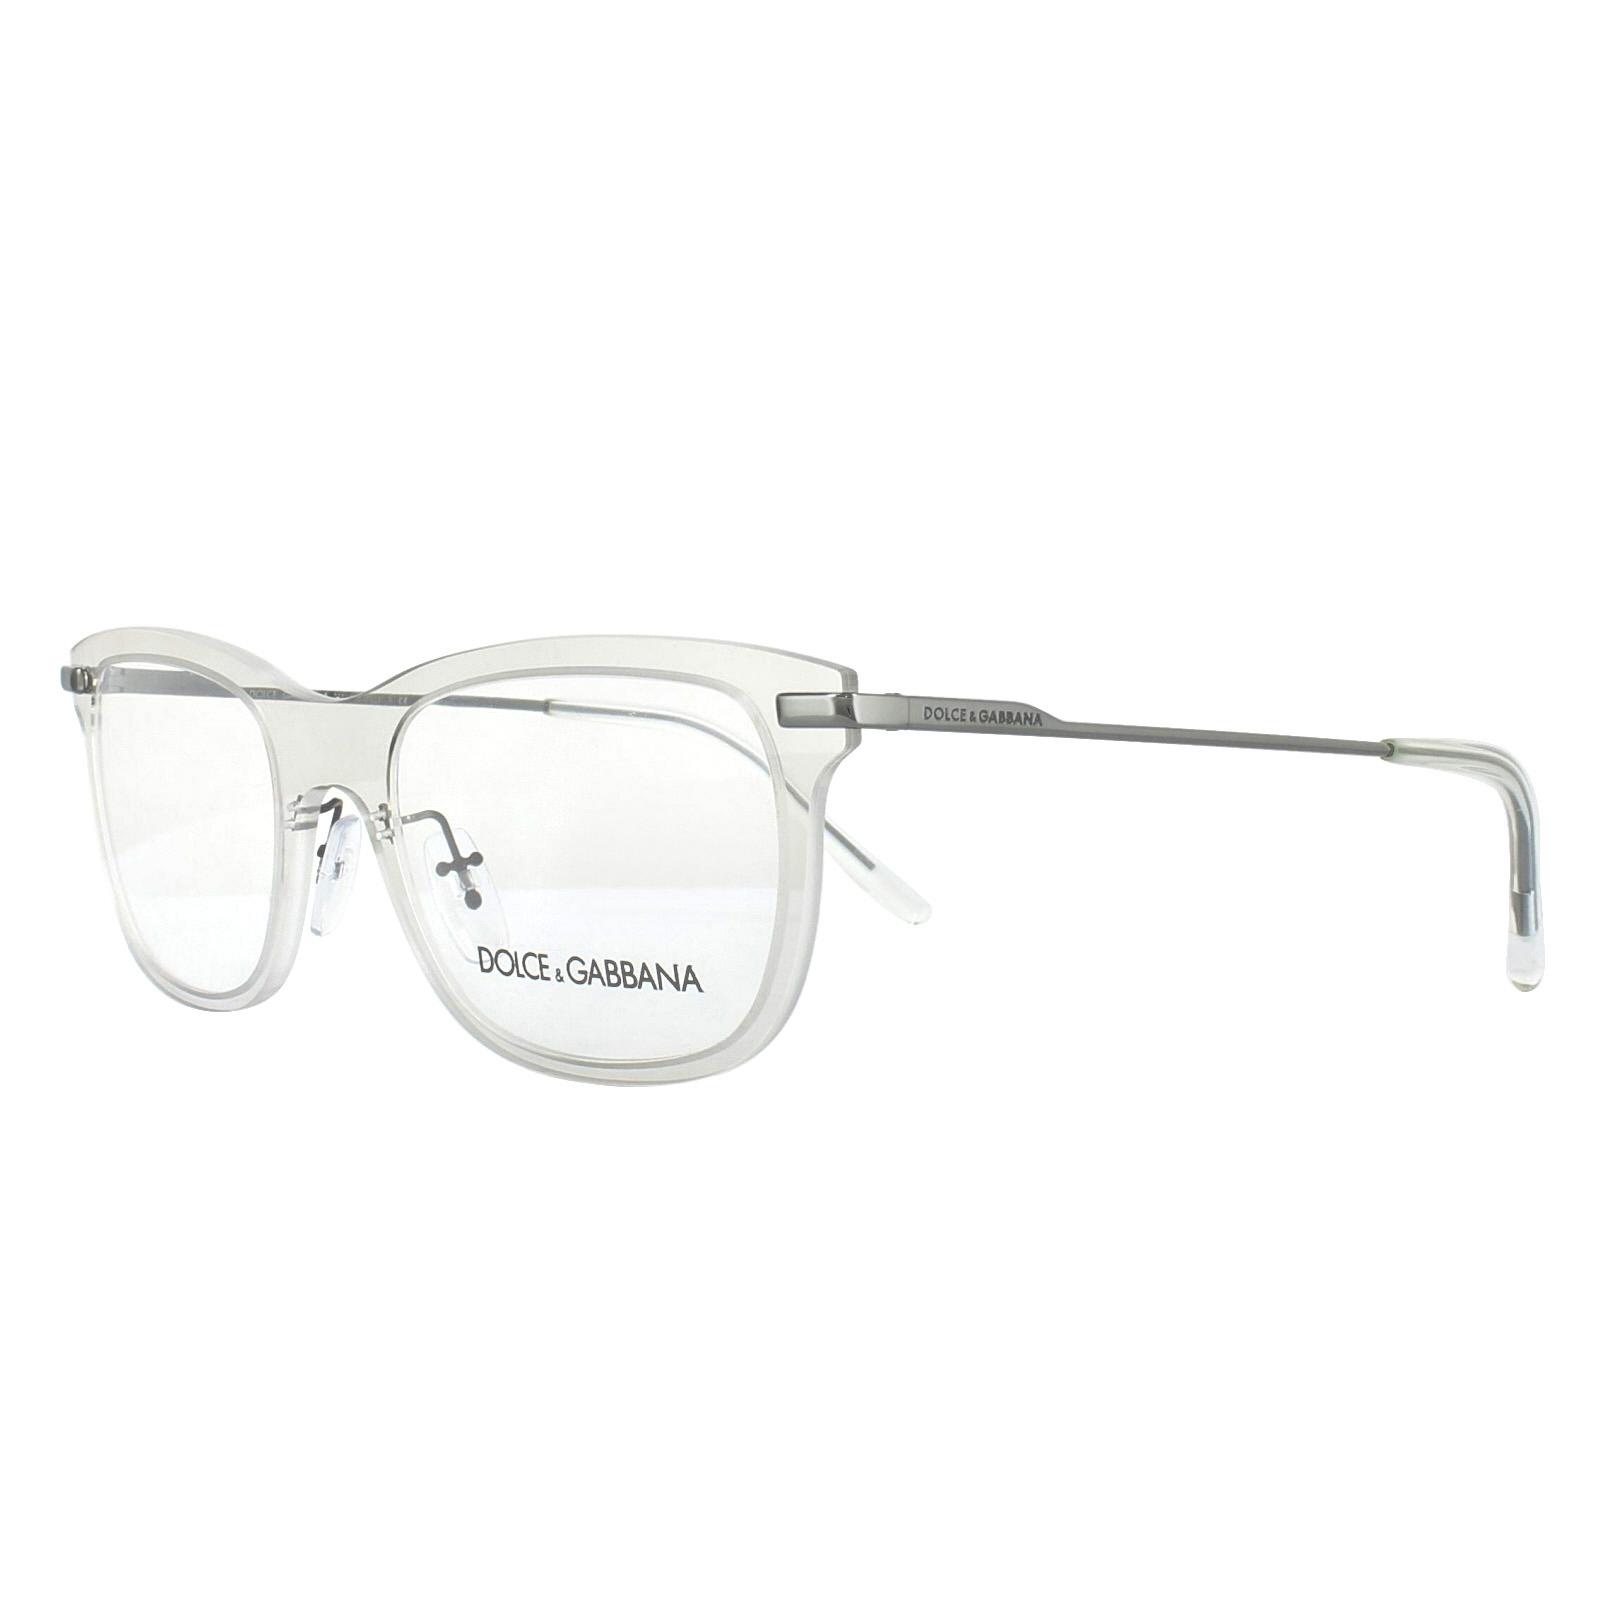 dde32e9a1c Details about Dolce   Gabbana Glasses Frames DG 1293 04 Clear 53mm Mens